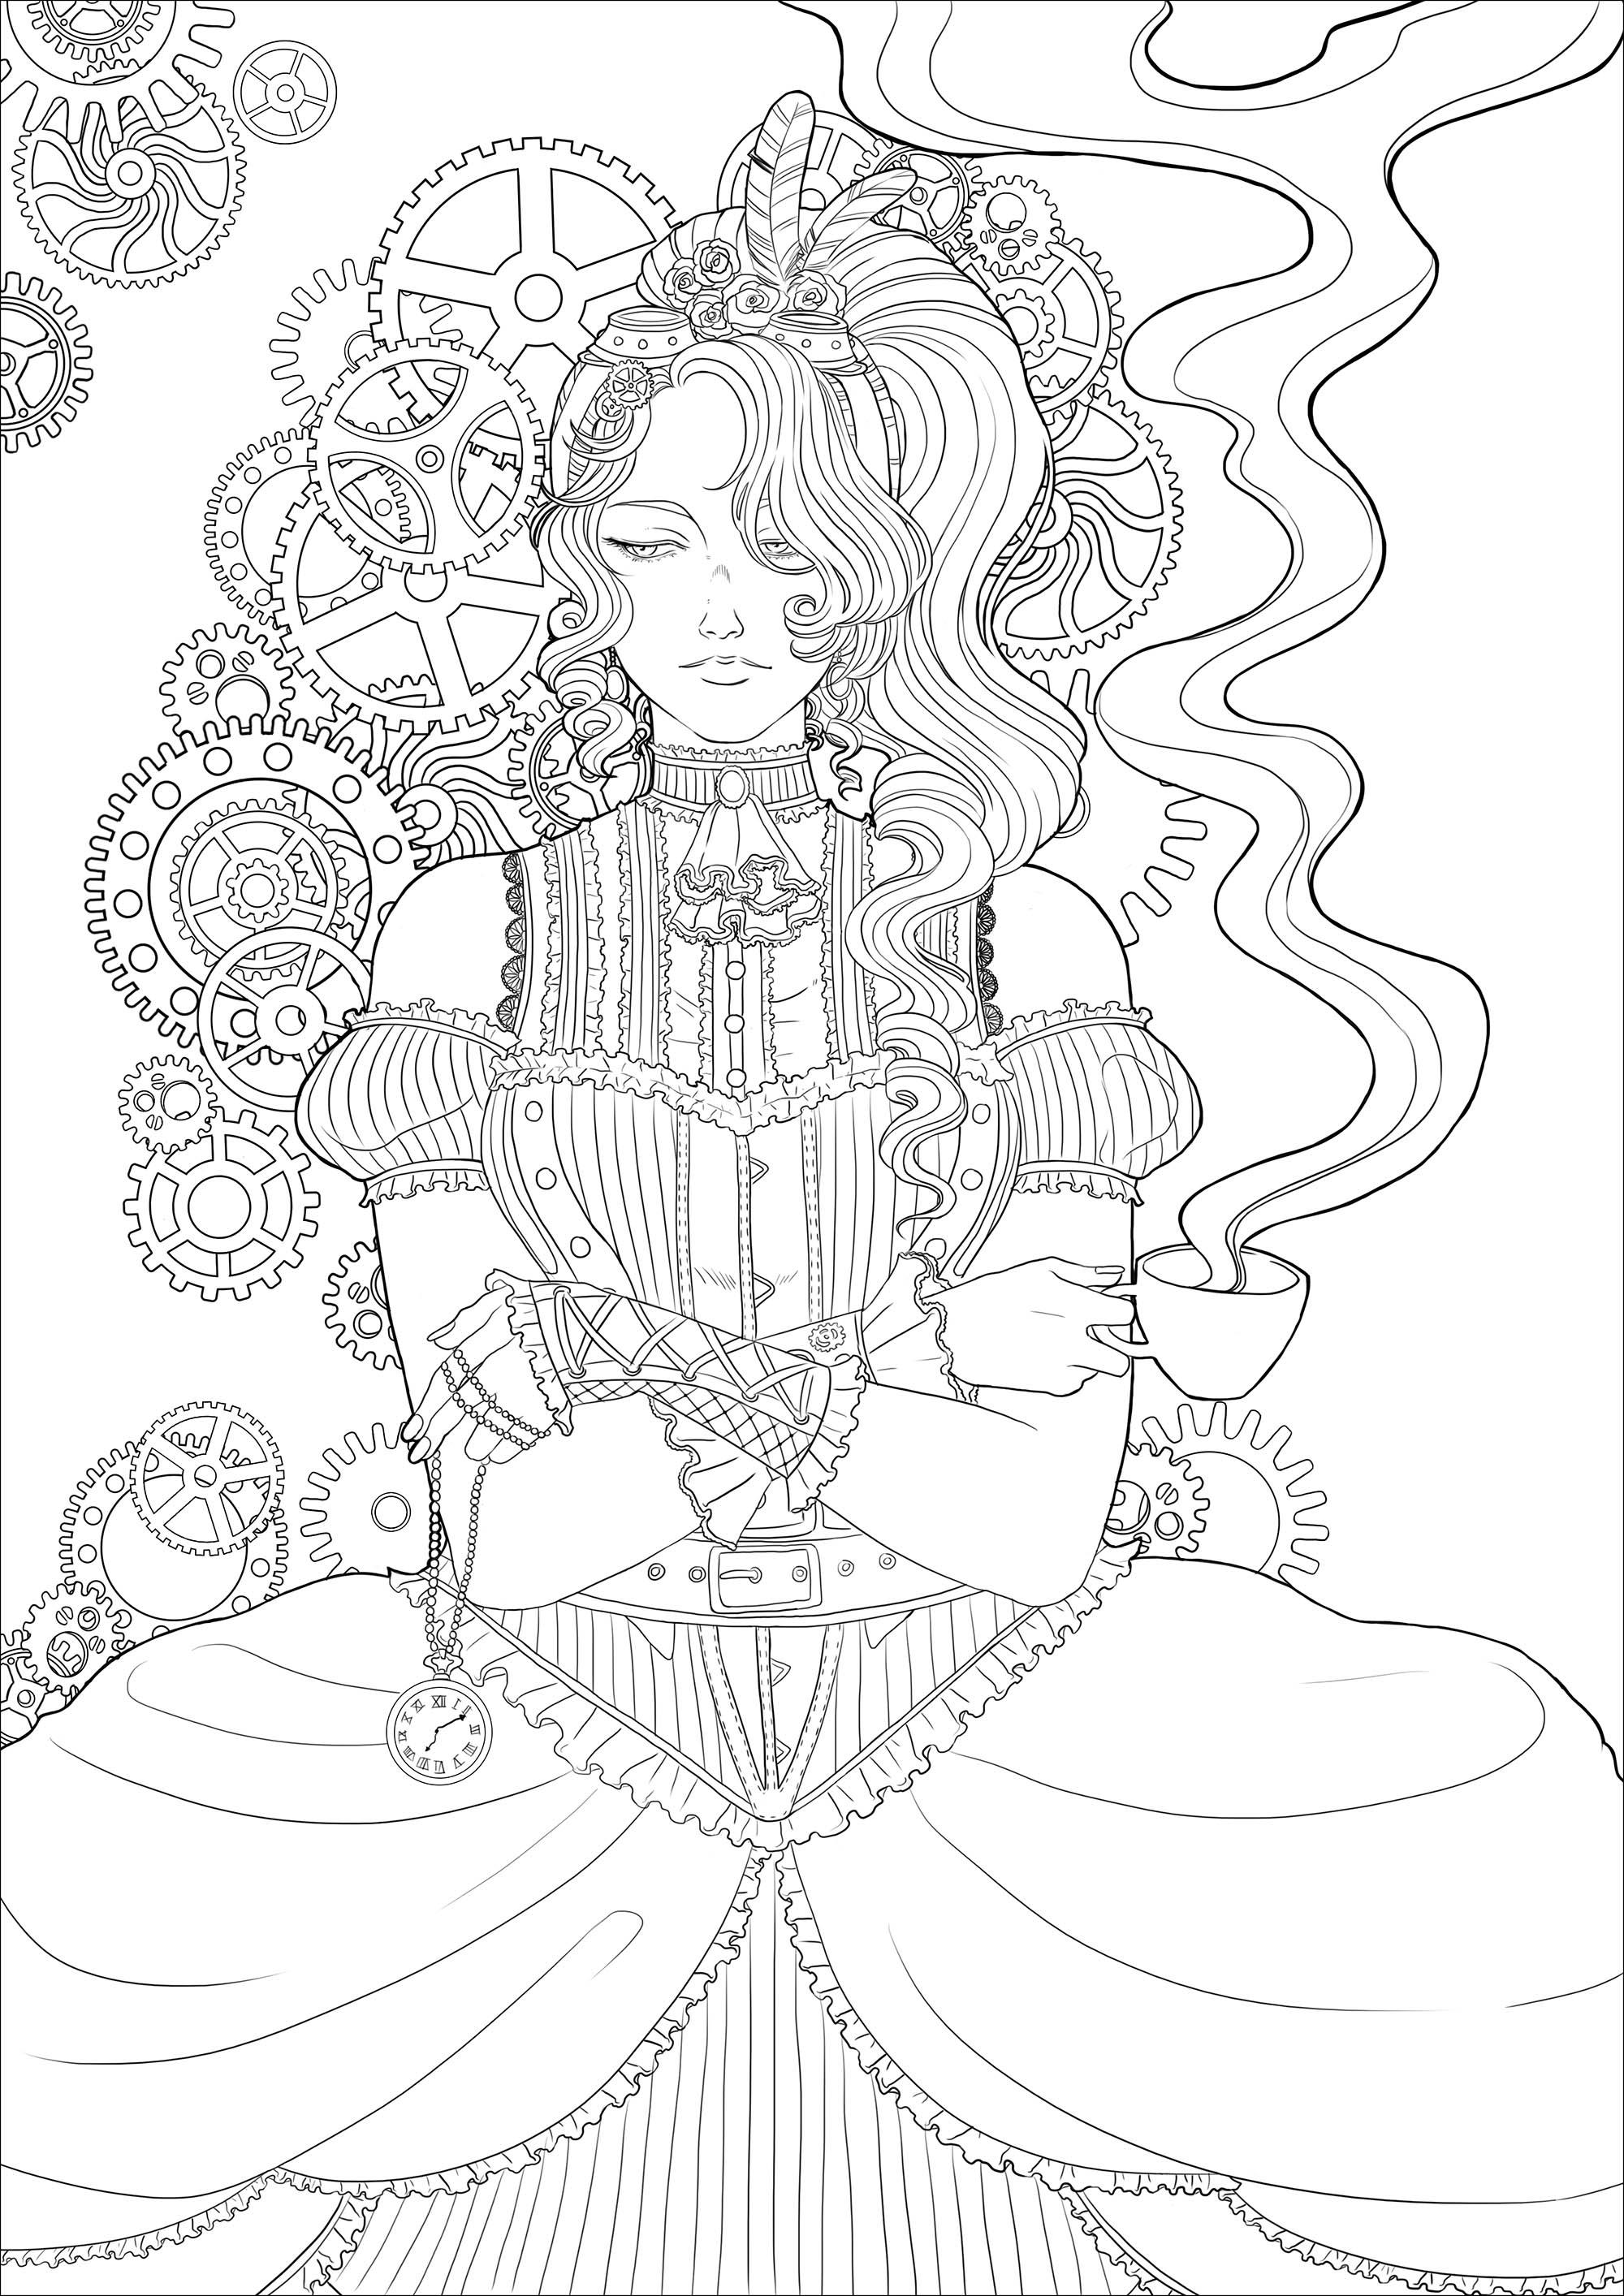 Coloriage d'une jeune femme mélancolique avec une tasse de thé, le tout dans un environnement victorien et des mécanismes.